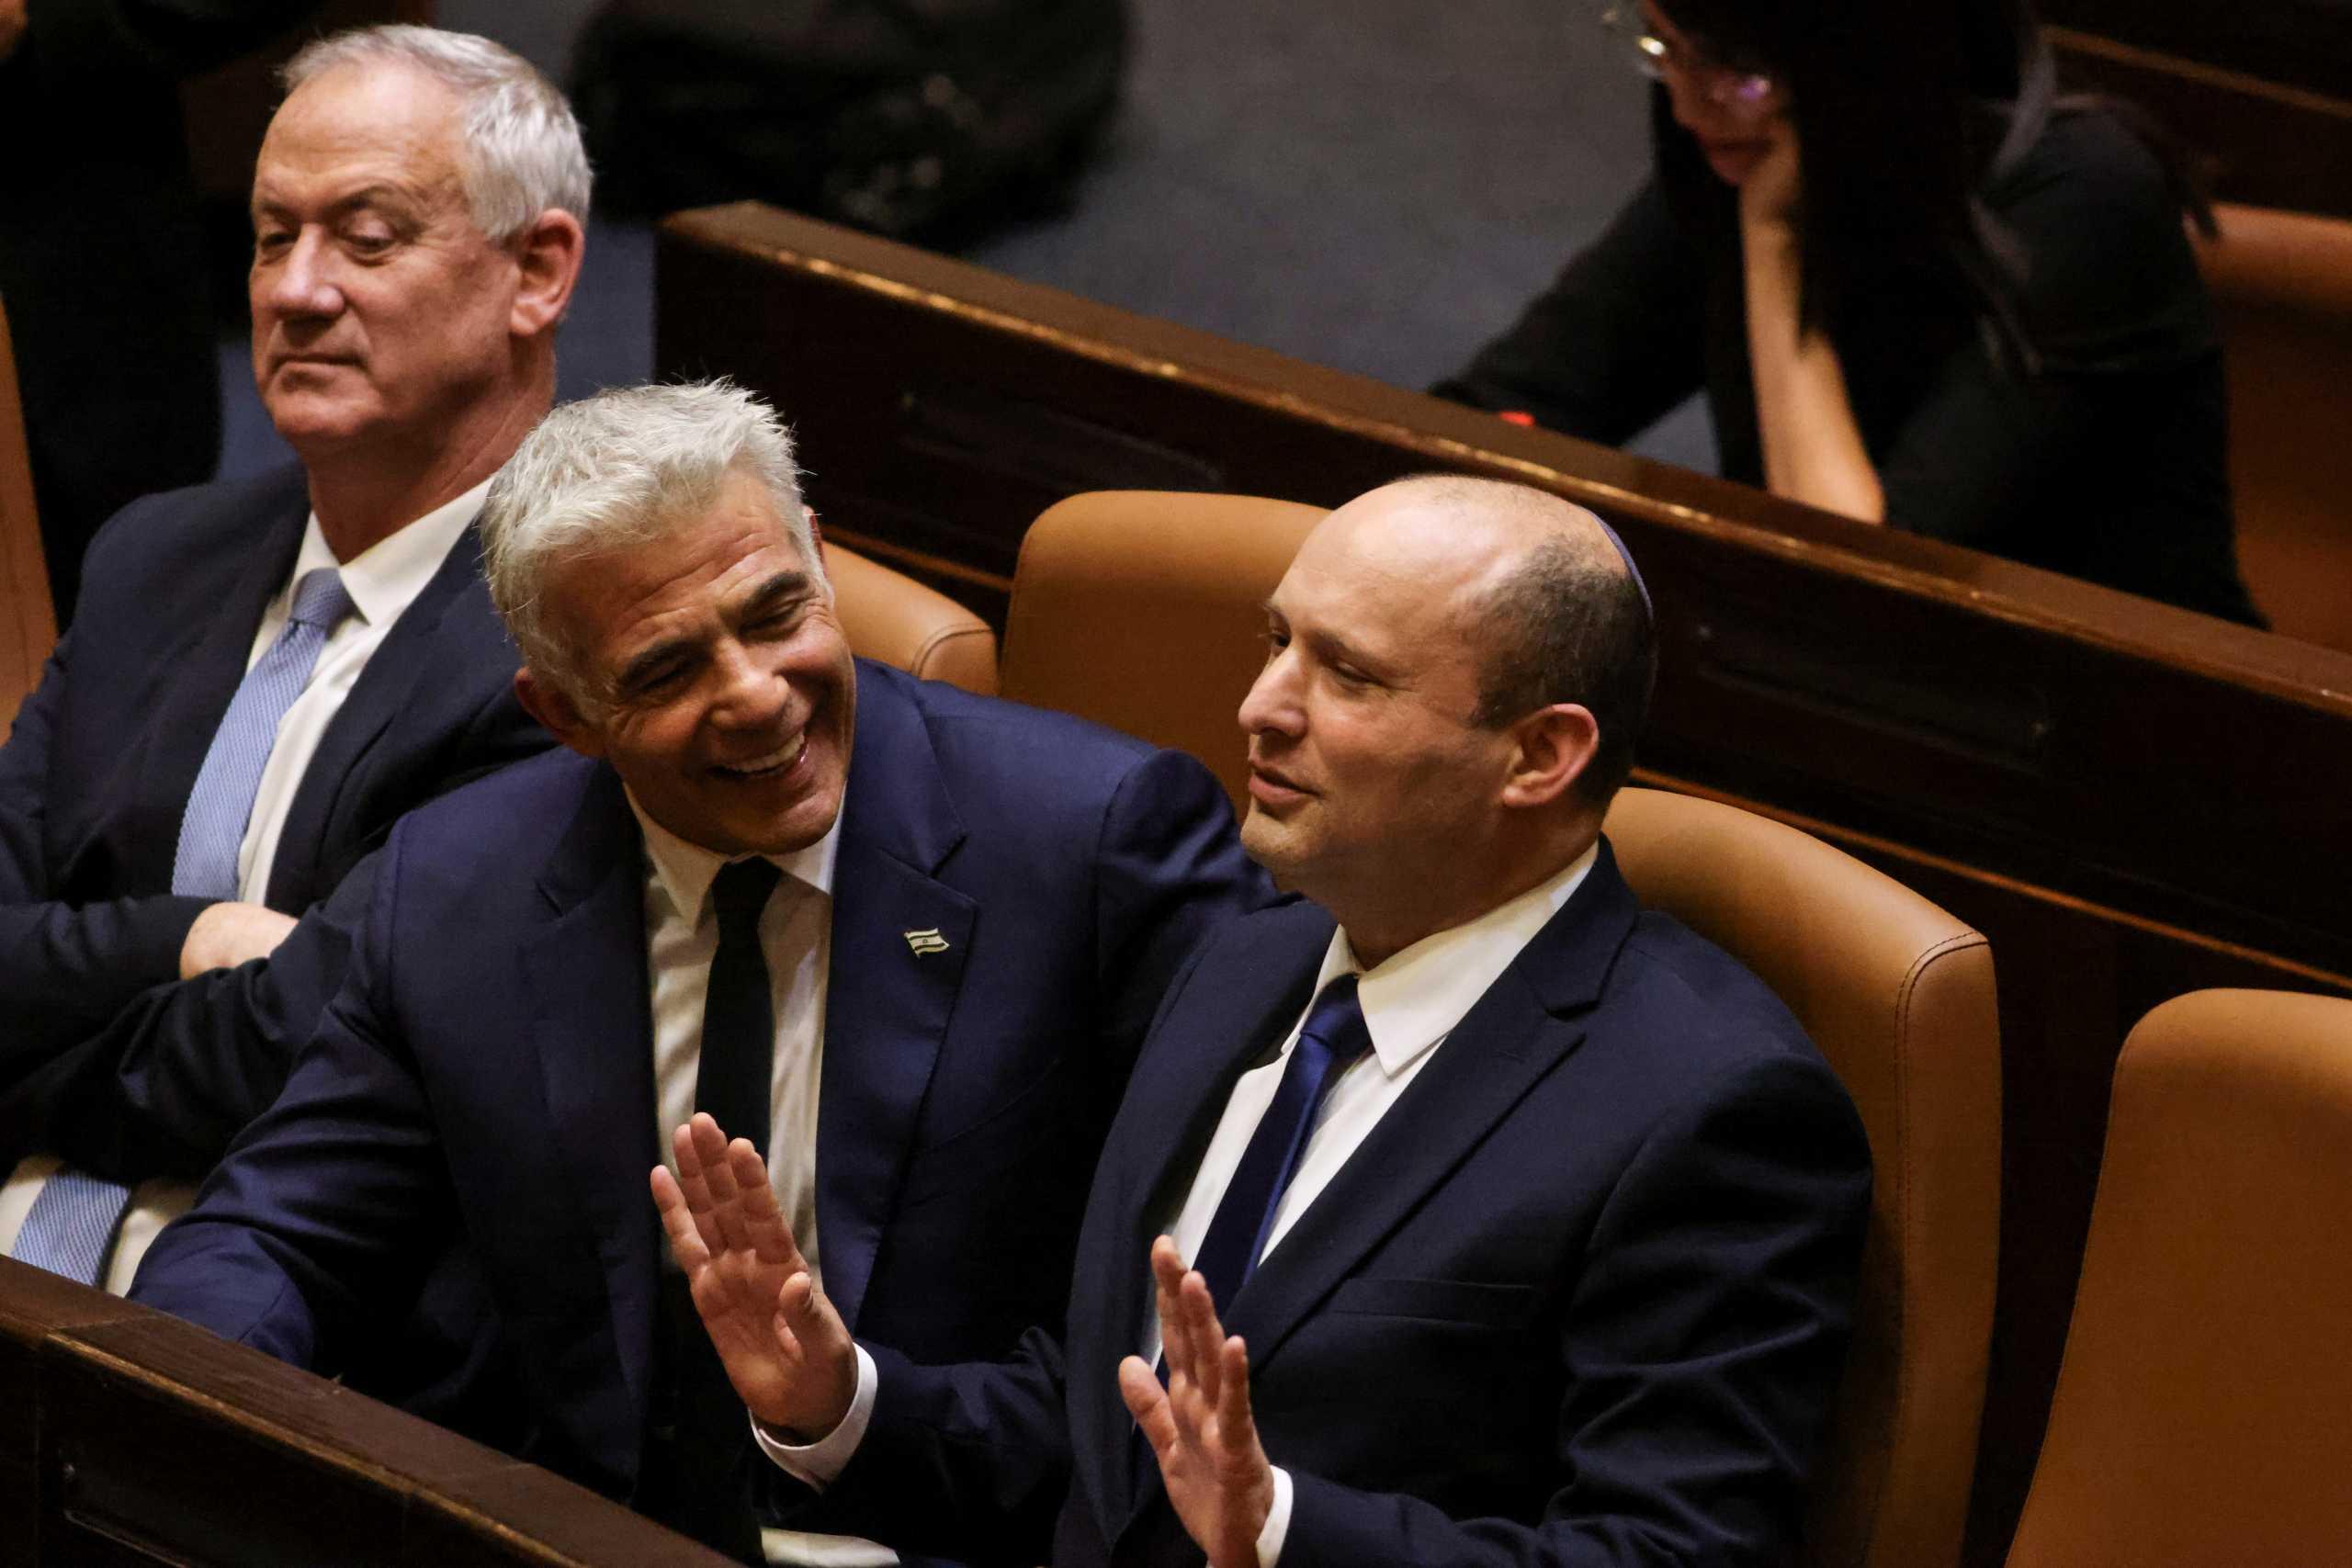 Ισραήλ: Η νέα κυβέρνηση επέτρεψε την πορεία ακροδεξιών στην Ανατολική Ιερουσαλήμ